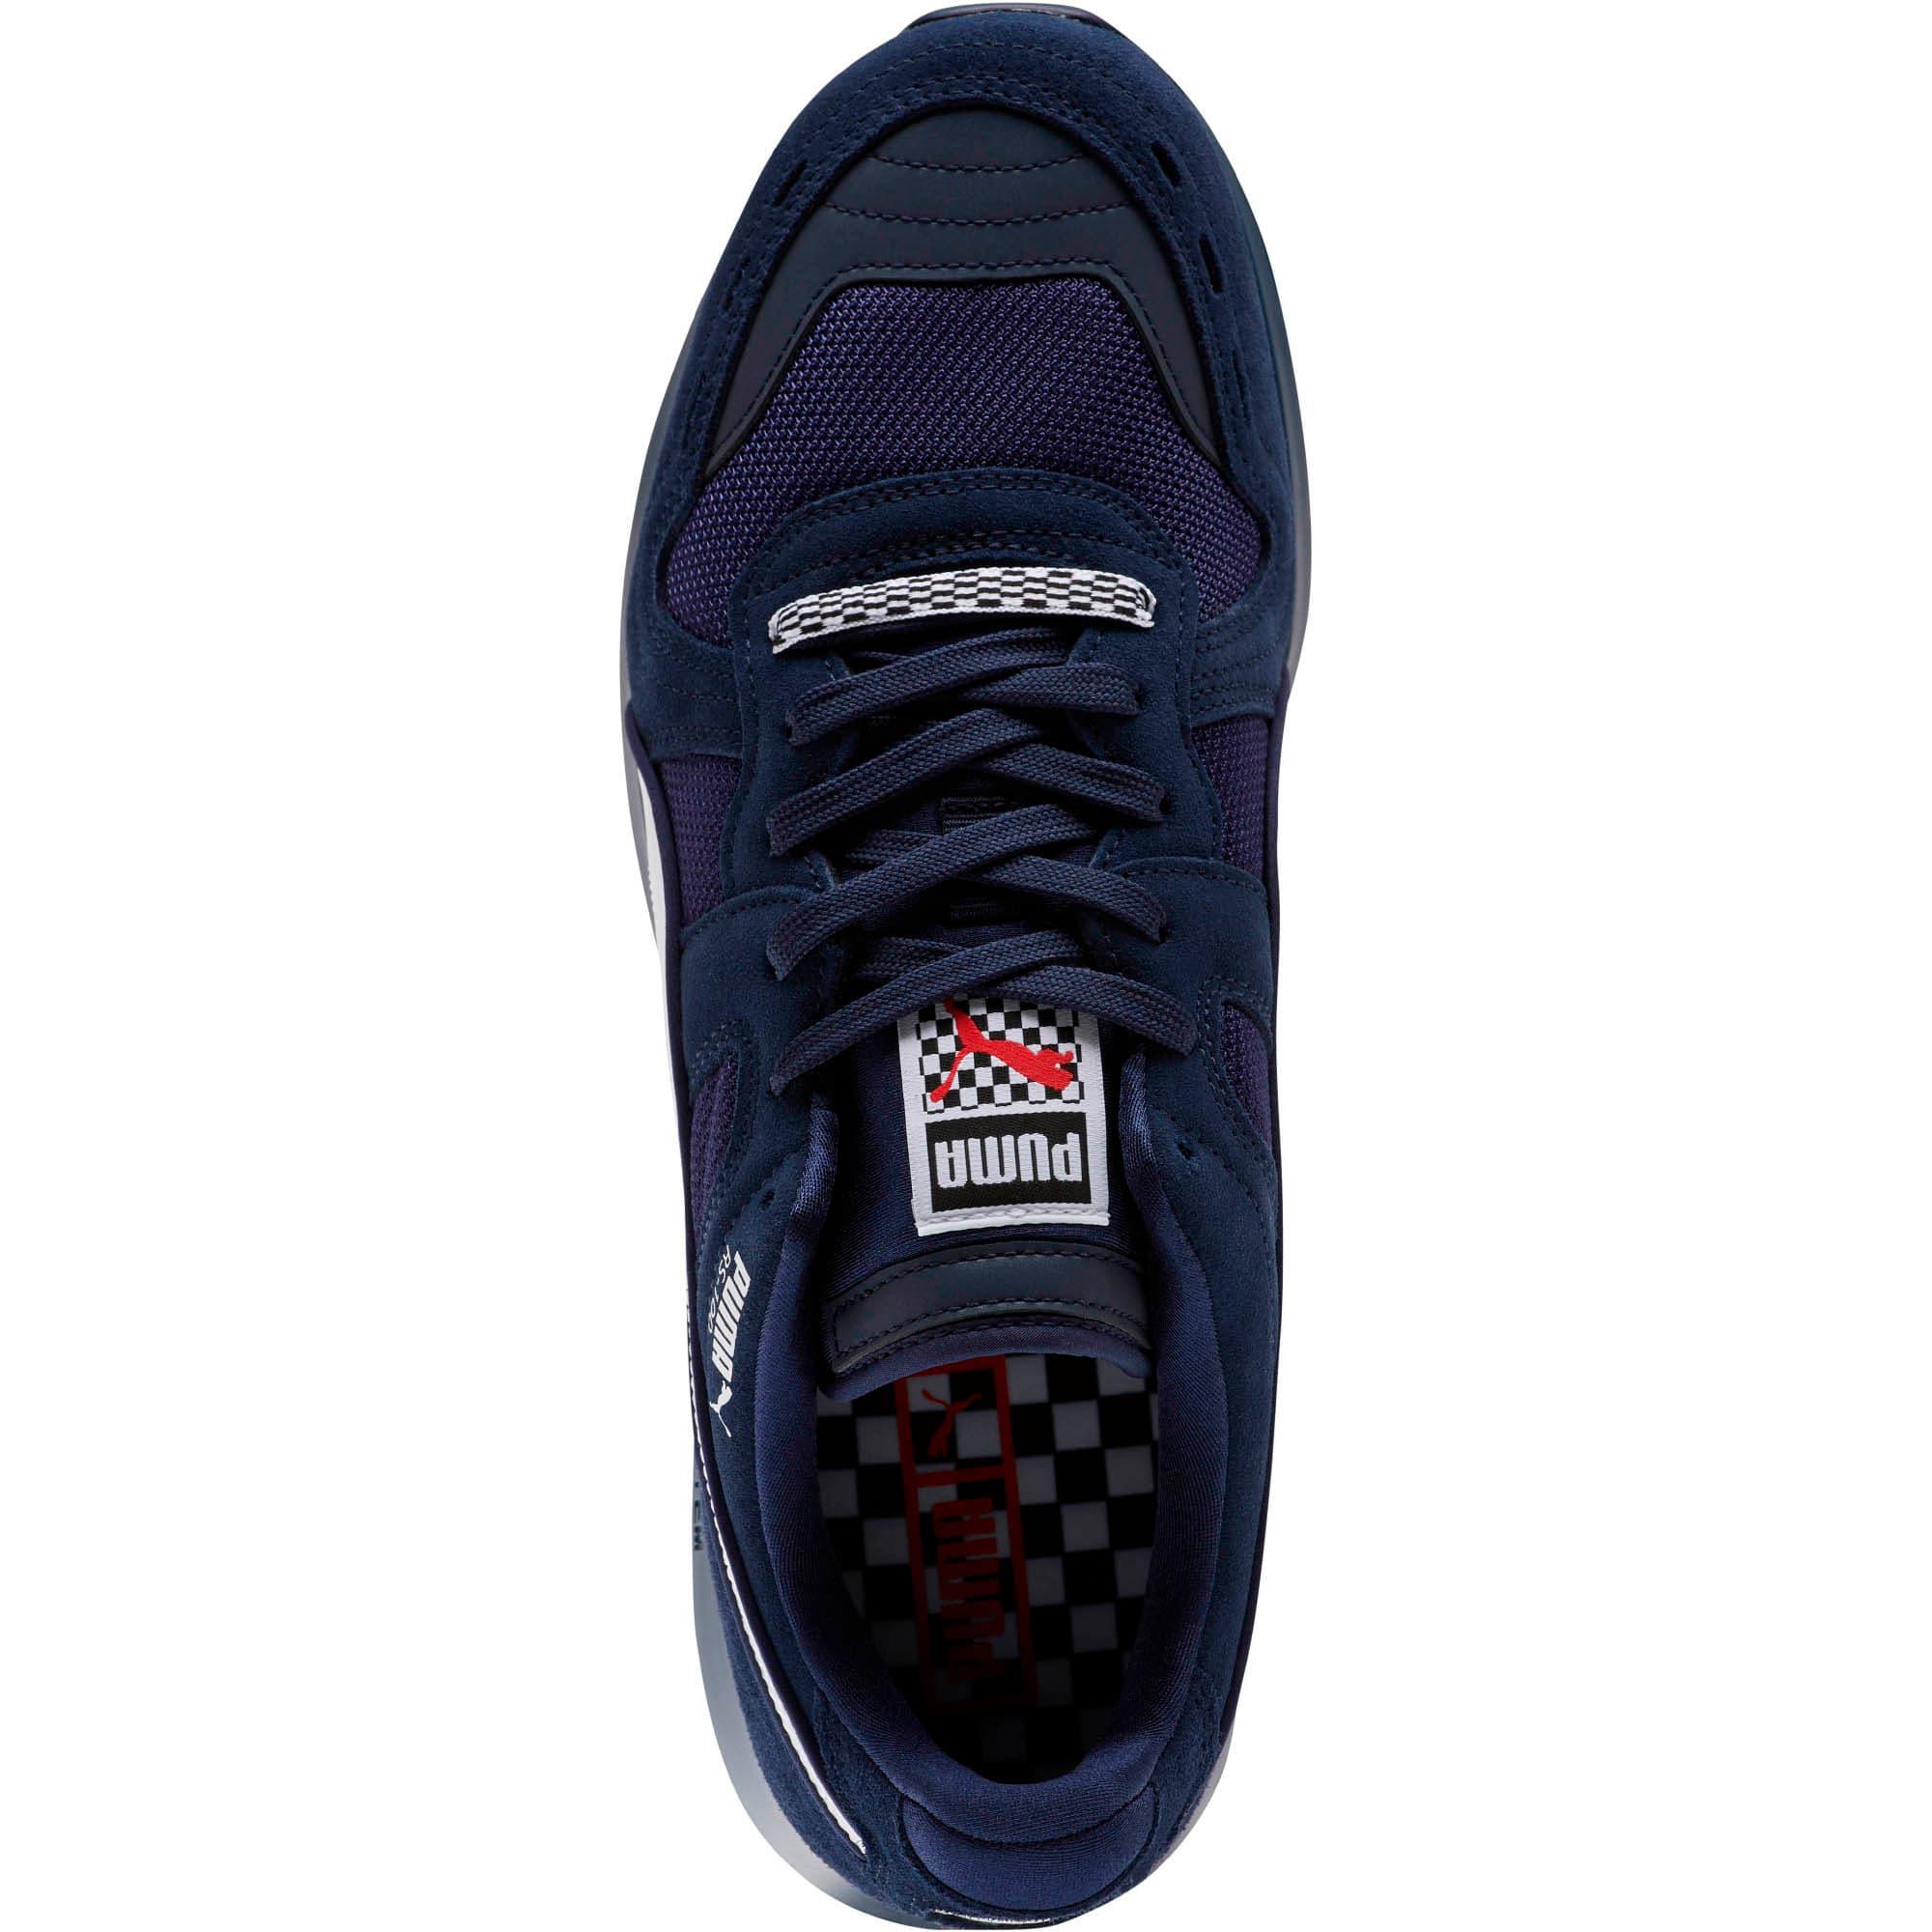 Miniatura 5 de Zapatos deportivos RS-100 Racing Flag, Peacoat-Puma White, mediano